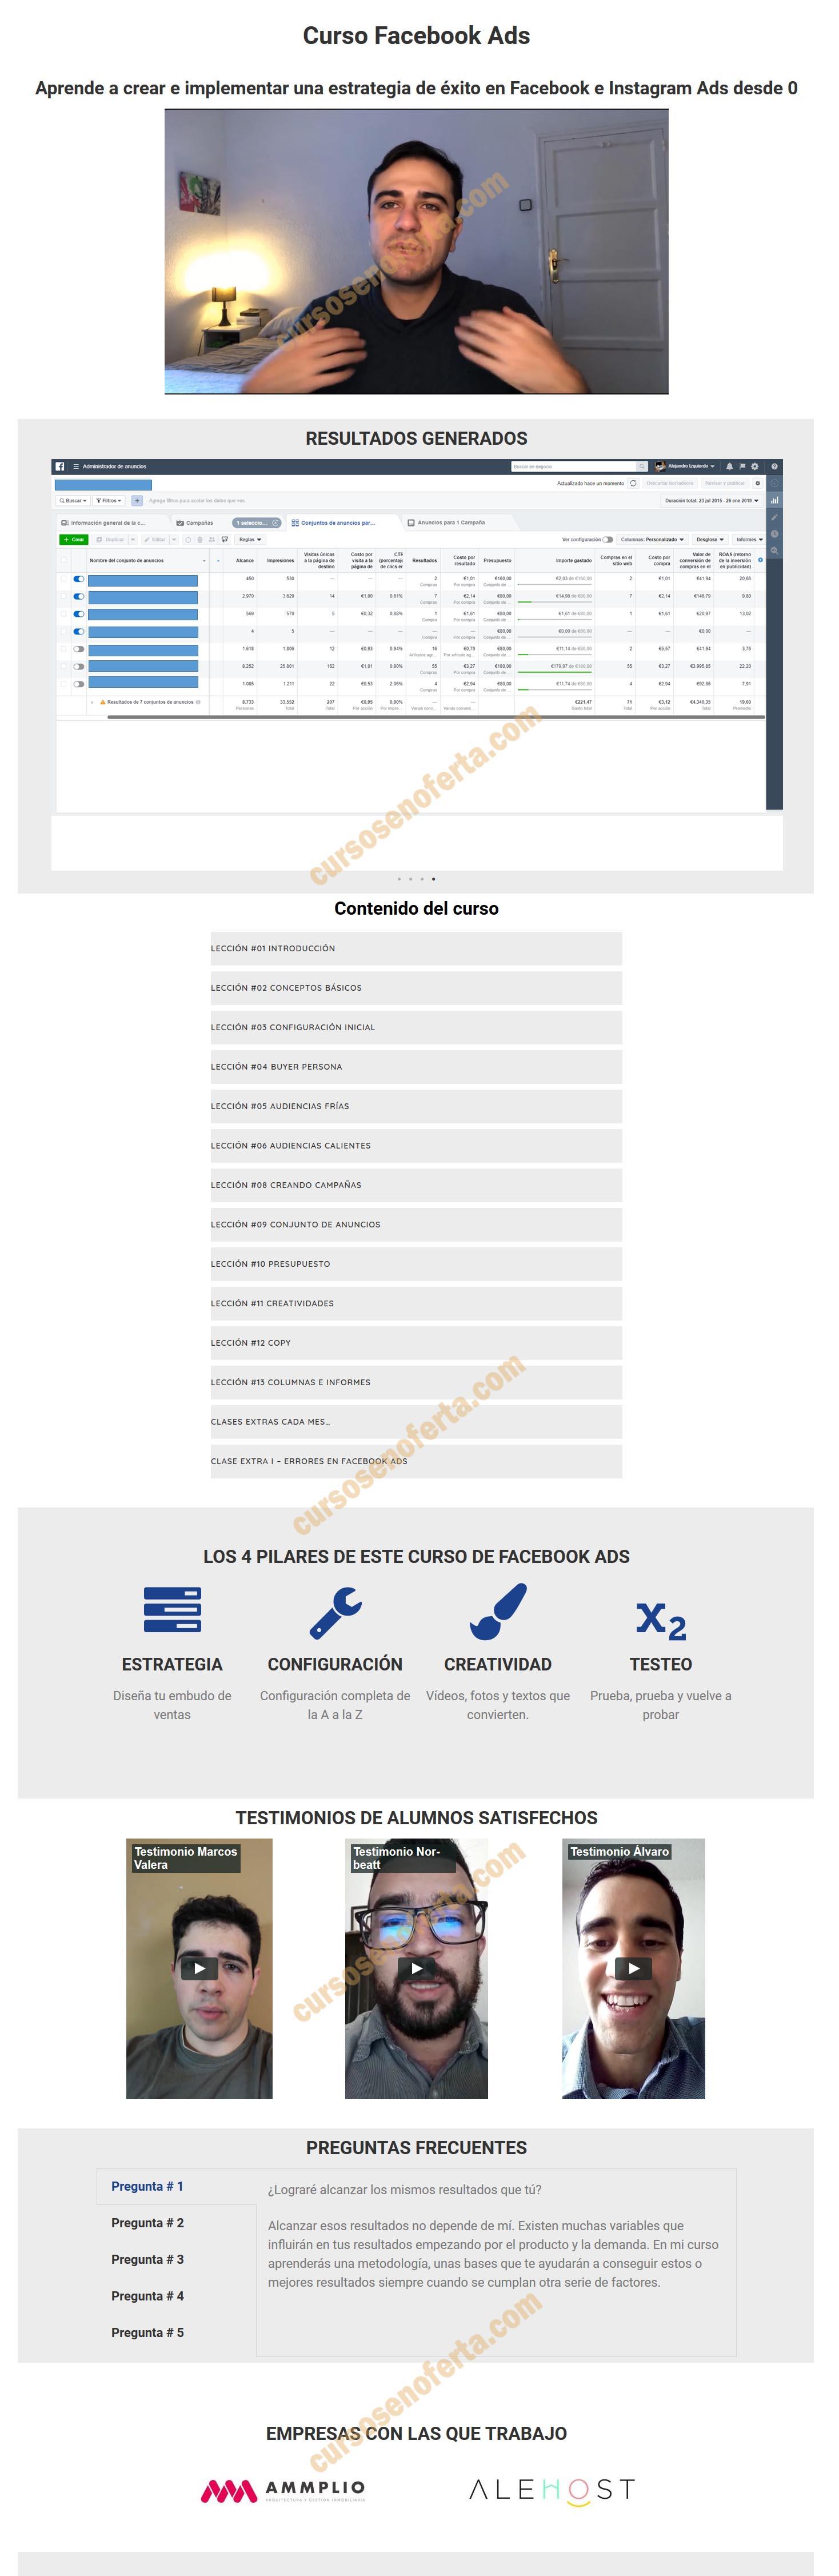 Curso Facebook Ads - Alex Izquierdo